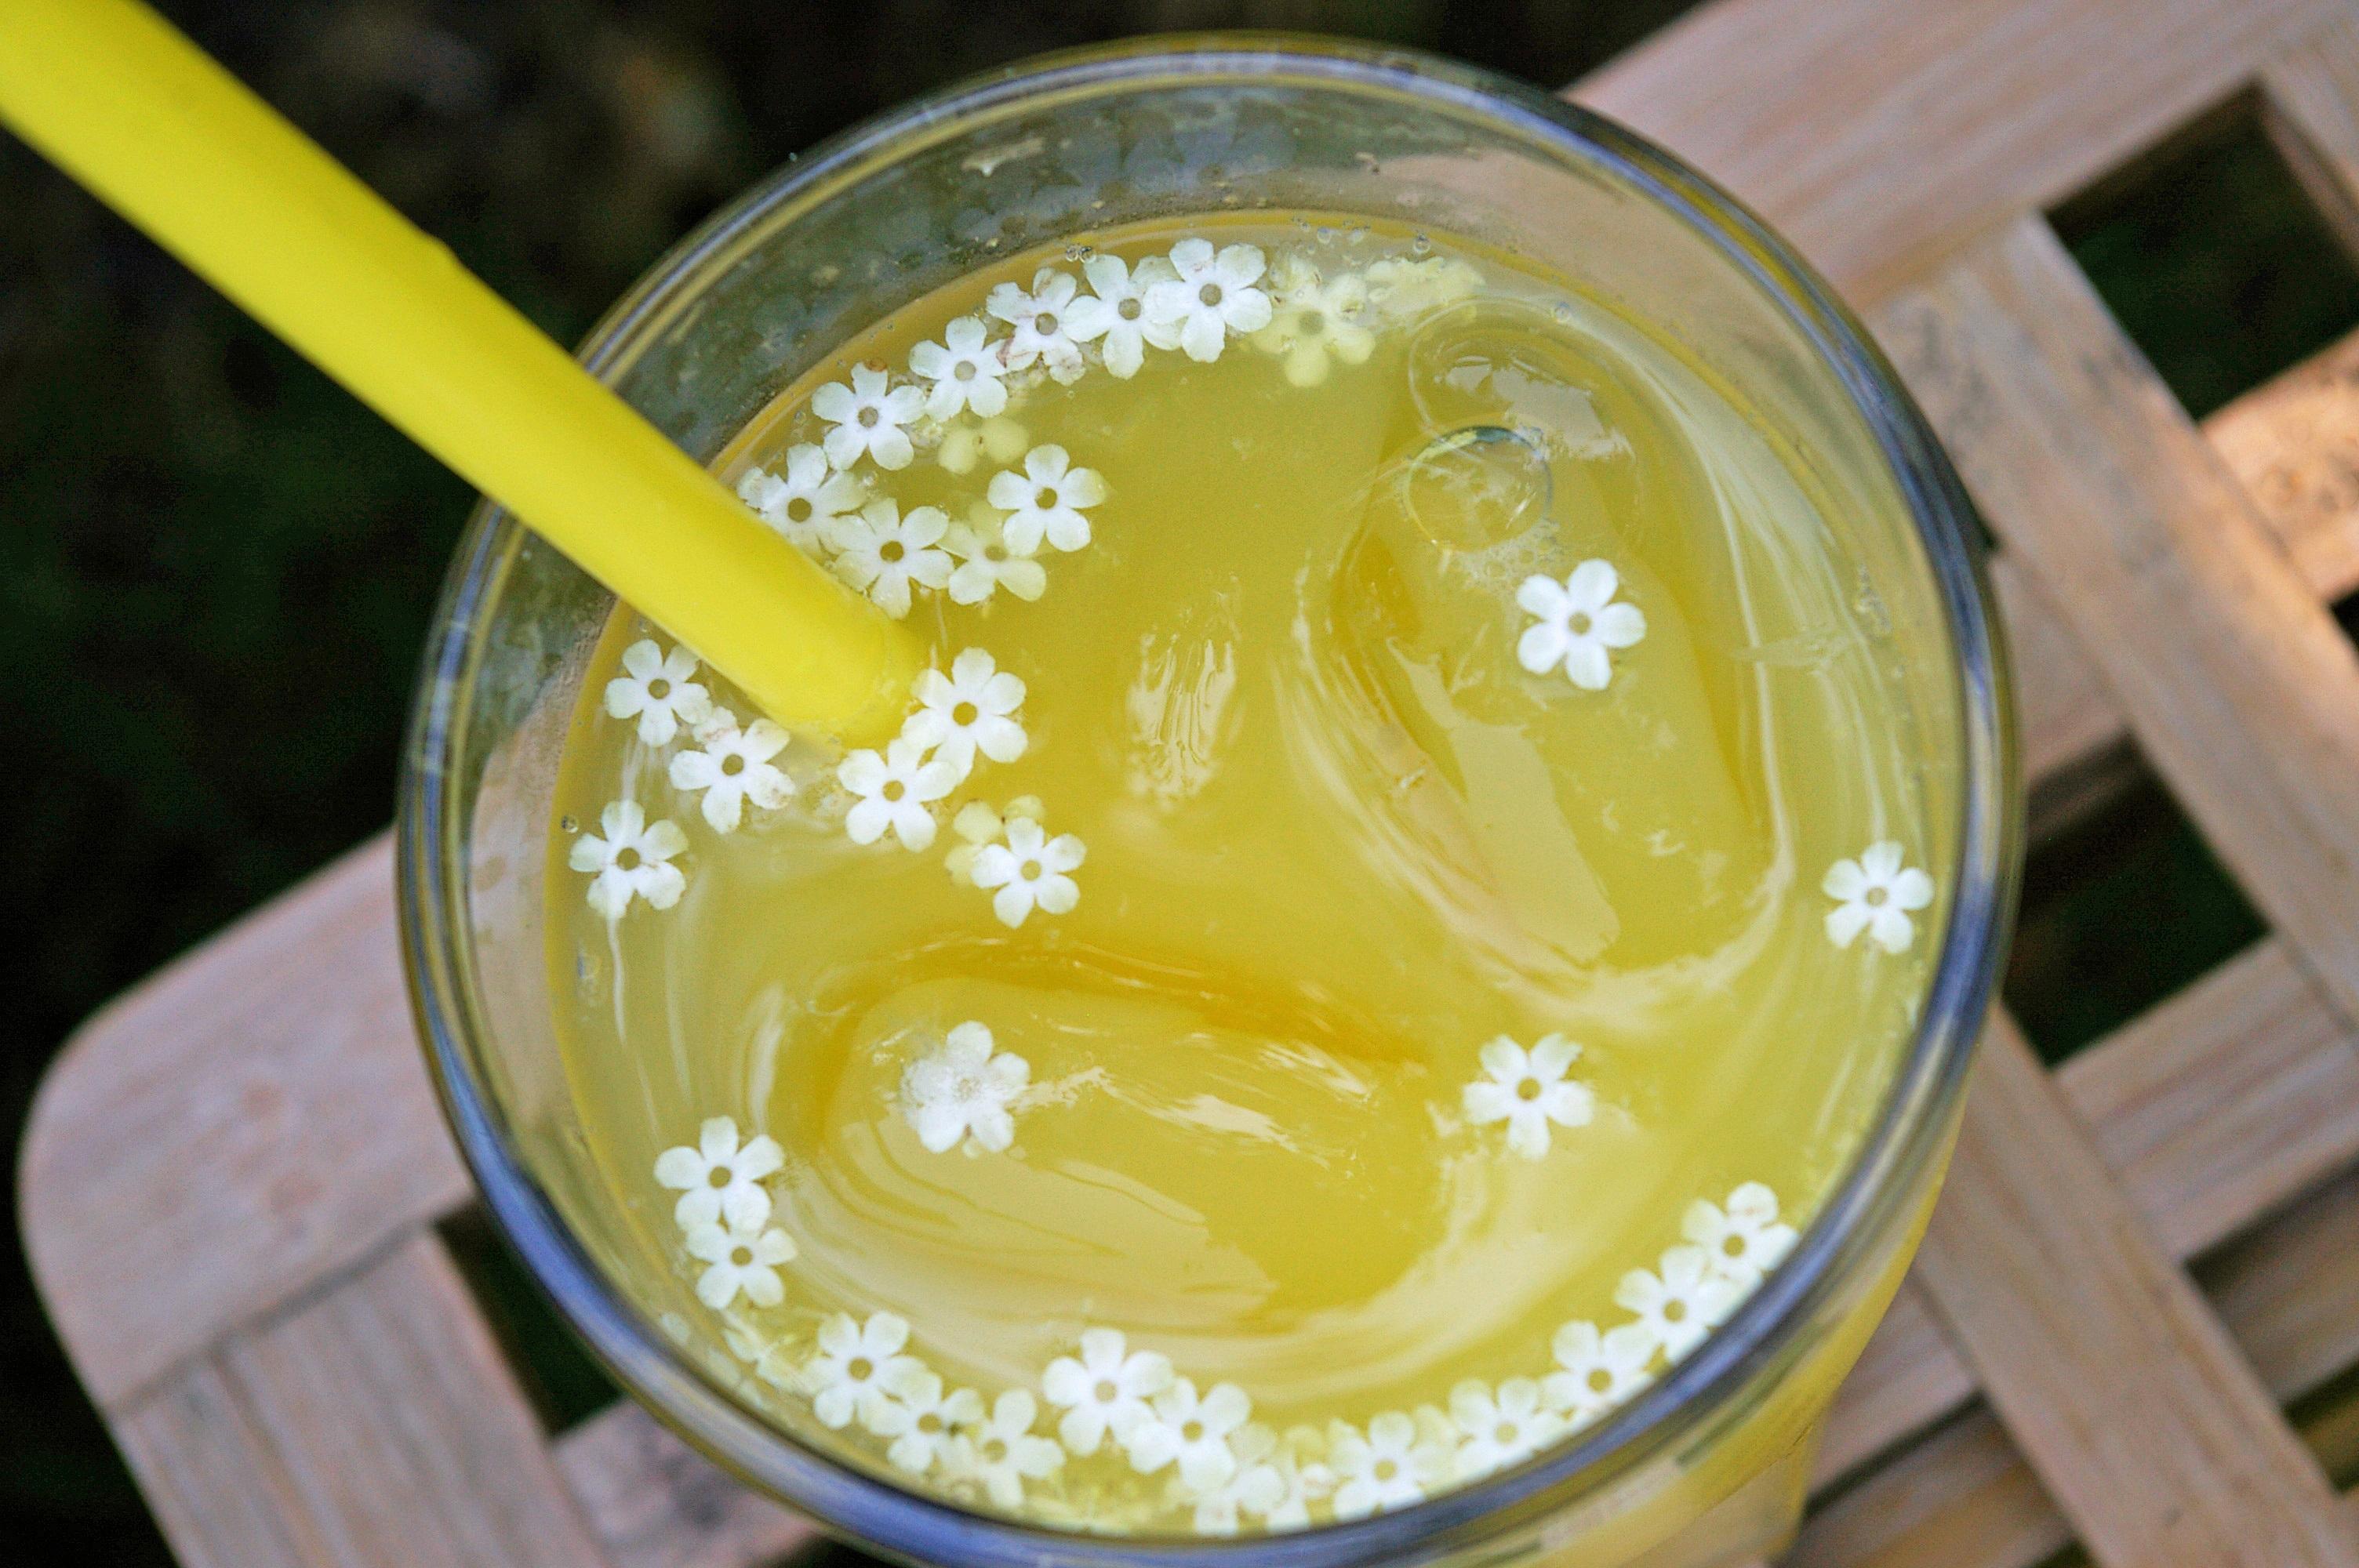 Bomann Kühlschrank Wird Heiß : Gekühlte getränke im sommer genießen gefrierschrank ratgeber